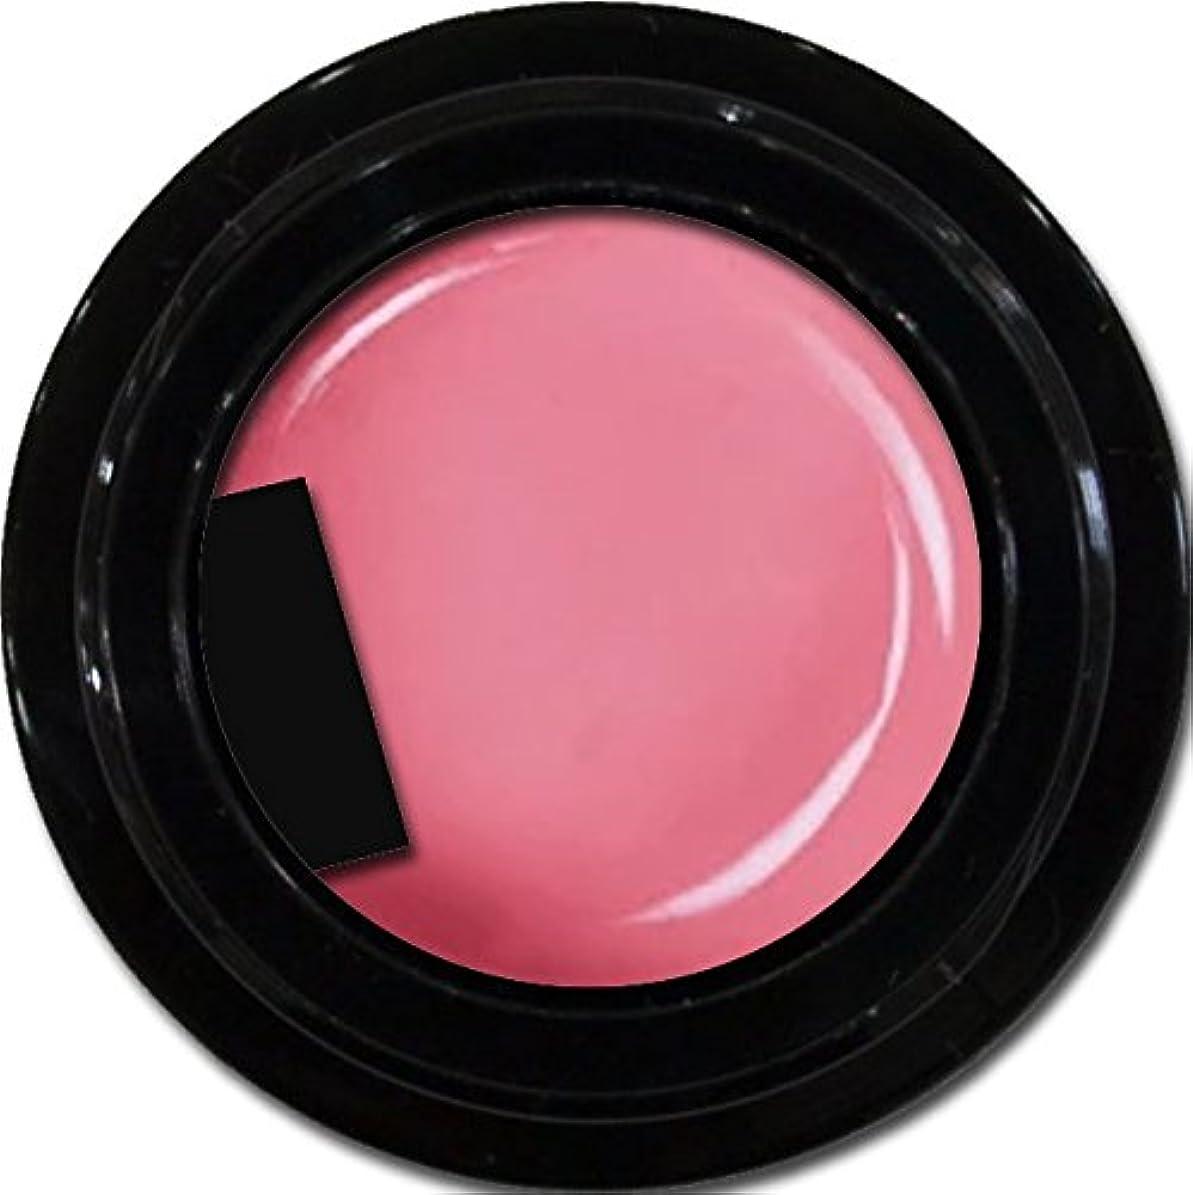 リーフレット不安定な同種のカラージェル enchant color gel M212 CoralPink 3g/ マットカラージェル M212コーラルピンク 3グラム